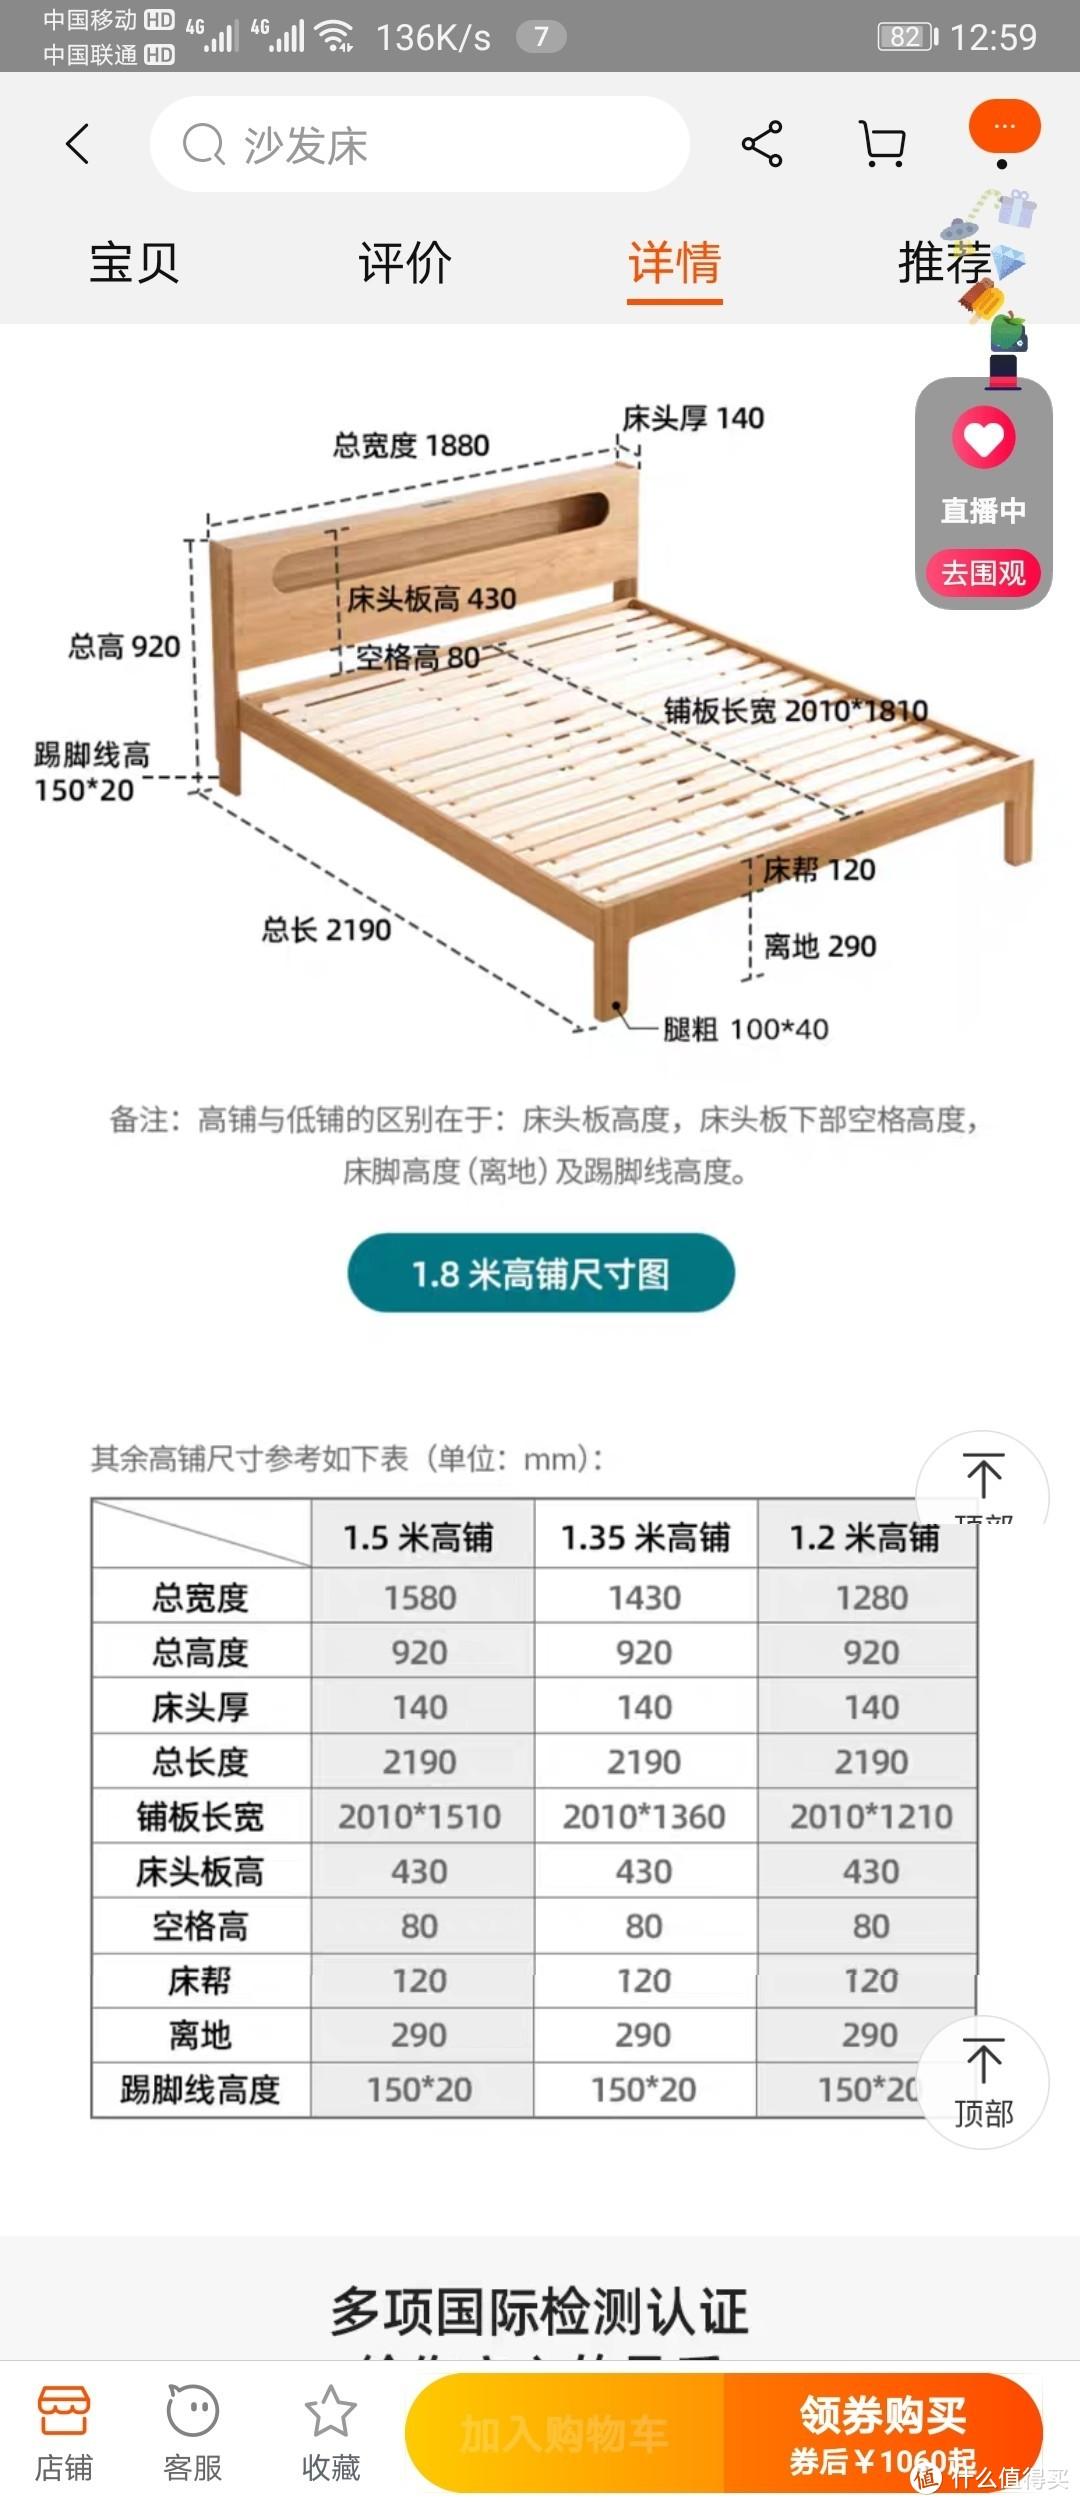 源氏木语橡木床现代简约主卧家具北欧纯实木双人床1.8米